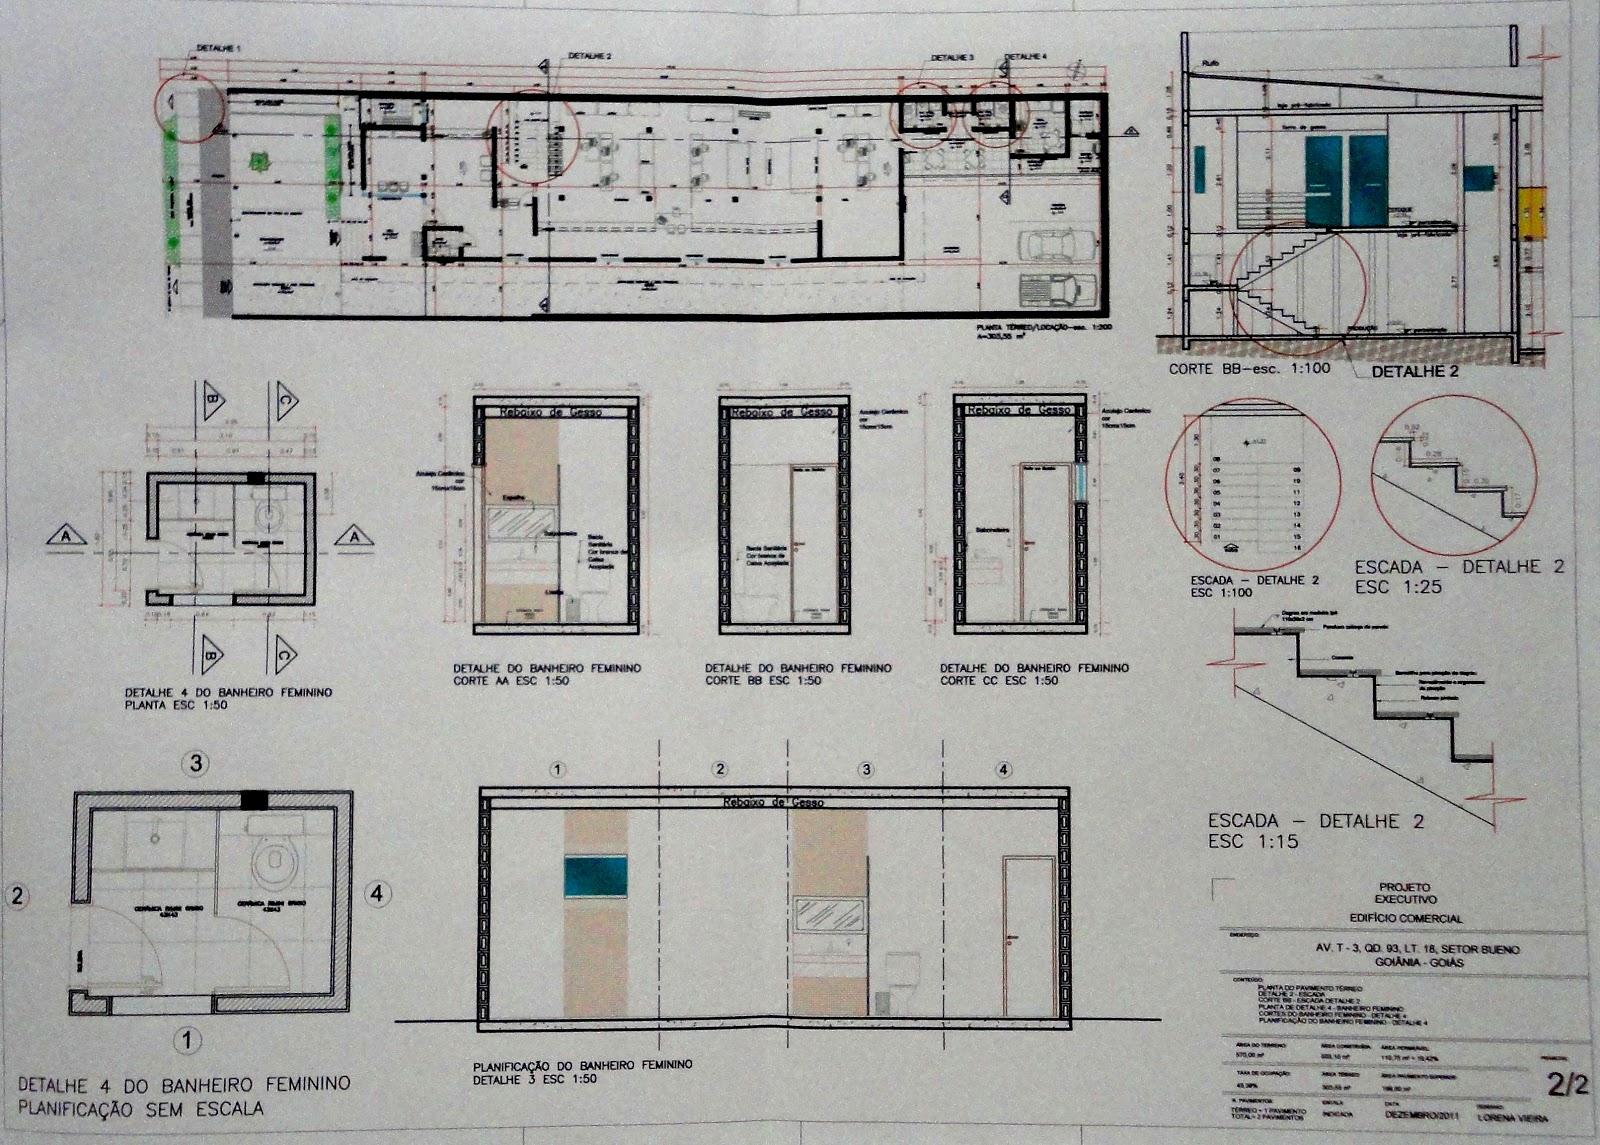 Urbanismo: Projeto Executivo de uma Arquitetura Comercial #404F5A 1600 1145